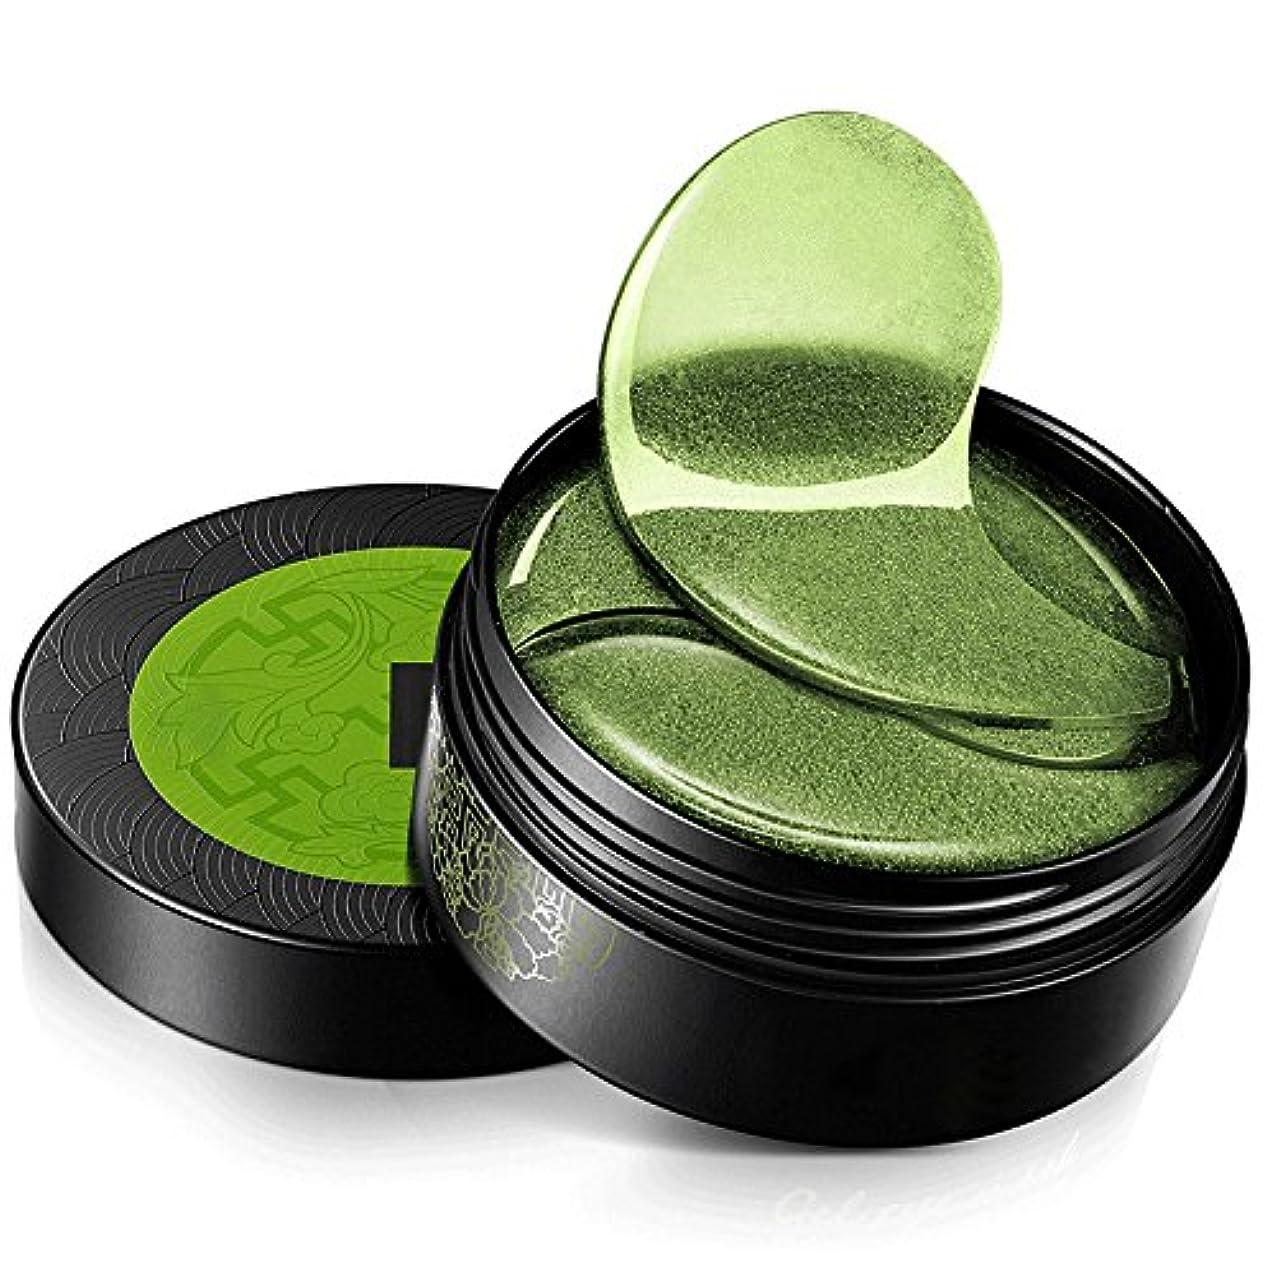 反応する心配するコンテンツLULAA MEIKING 目元シート 目元パック 海藻成分 超浸透 潤い 保湿 しわ 浮腫 目くま ヒアルロン酸 天然 抗過敏 緑